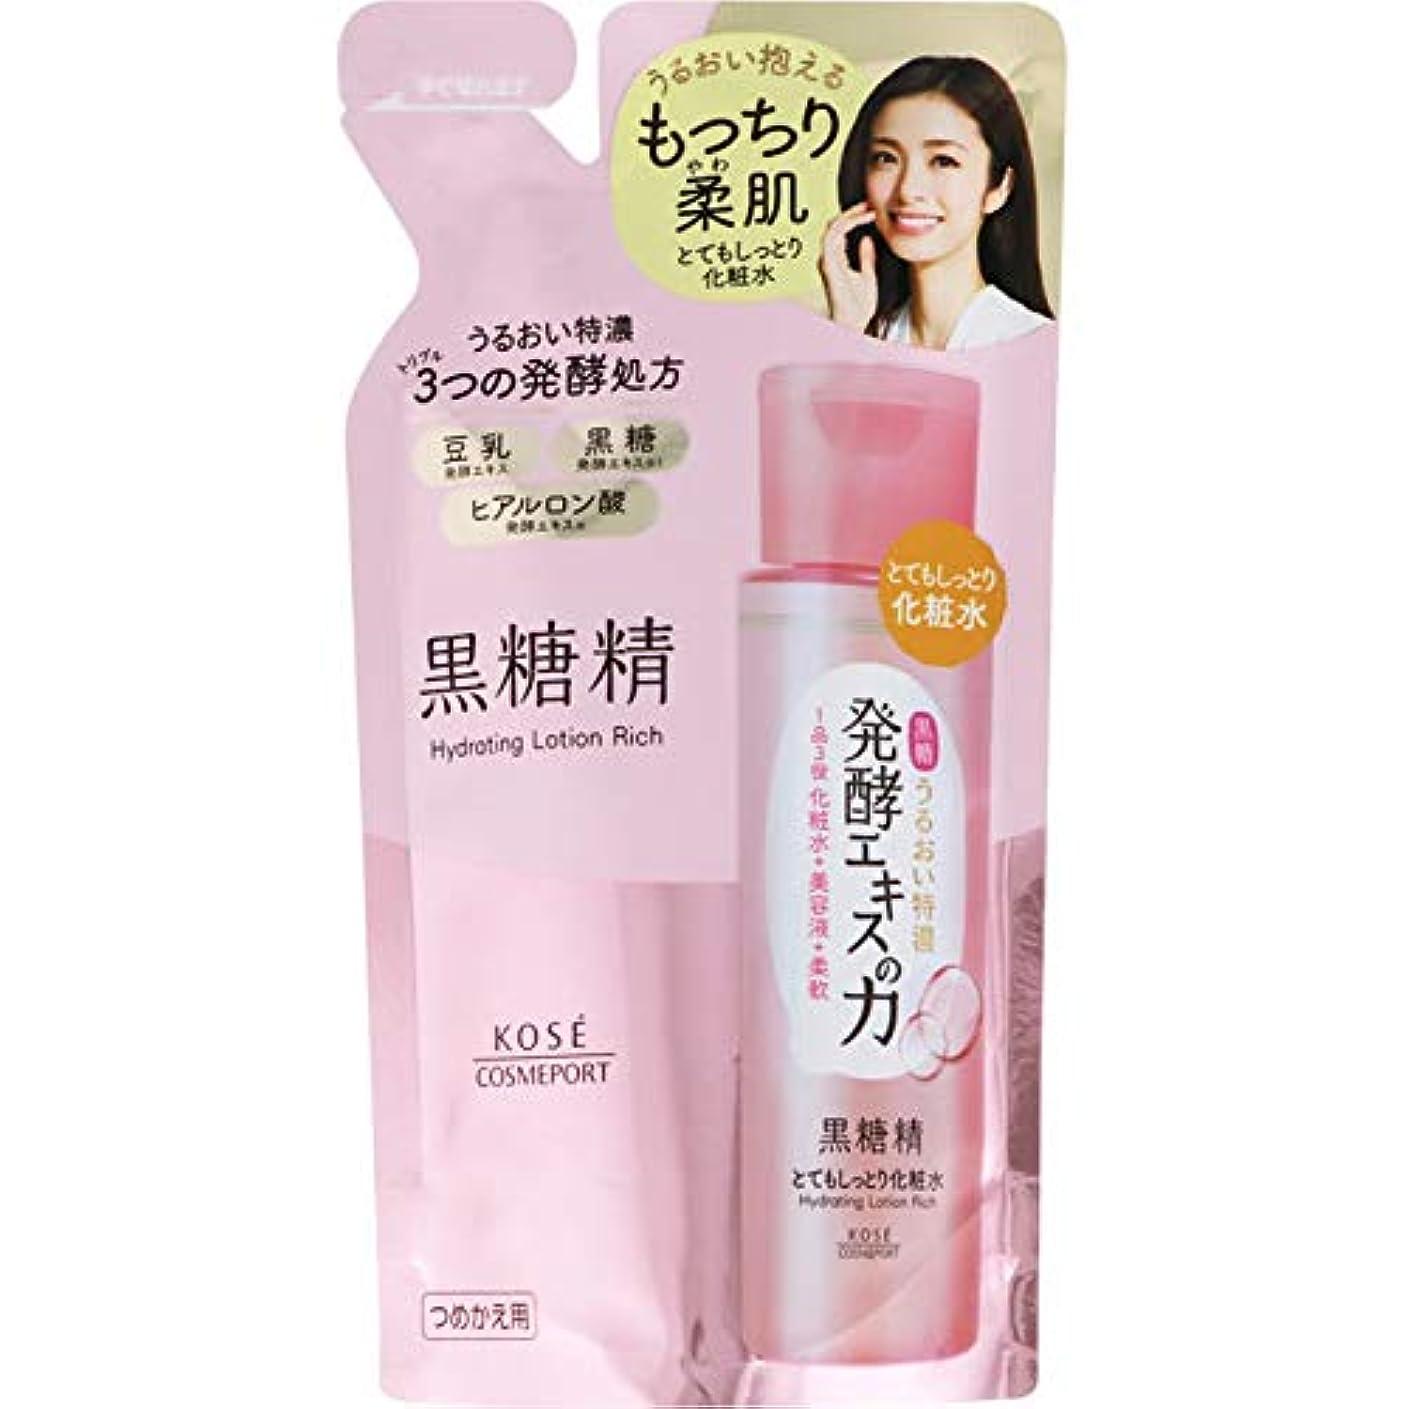 圧倒するはねかける韓国【3個セット】黒糖精 とてもしっとり化粧水 つめかえ 160mL